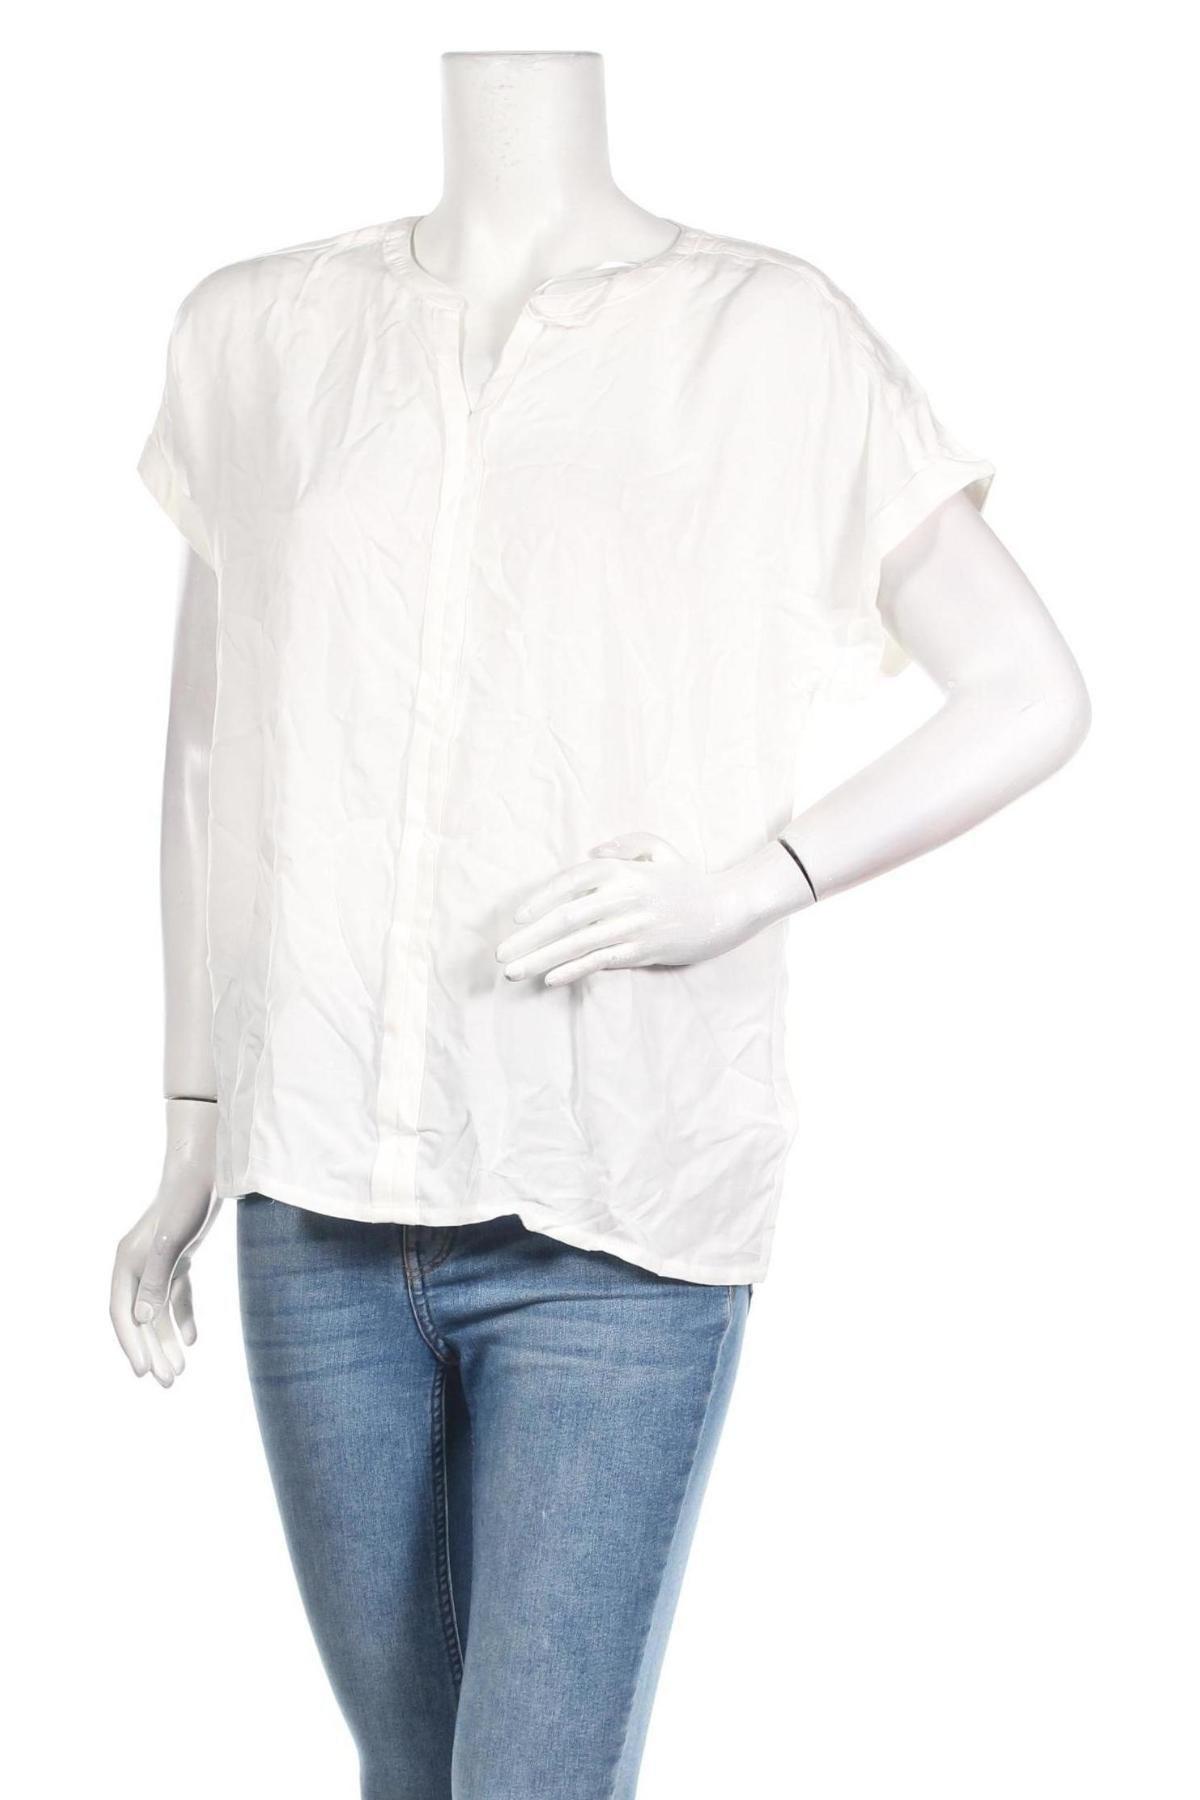 Γυναικεία μπλούζα Soya Concept, Μέγεθος M, Χρώμα Λευκό, Βισκόζη, Τιμή 10,83€